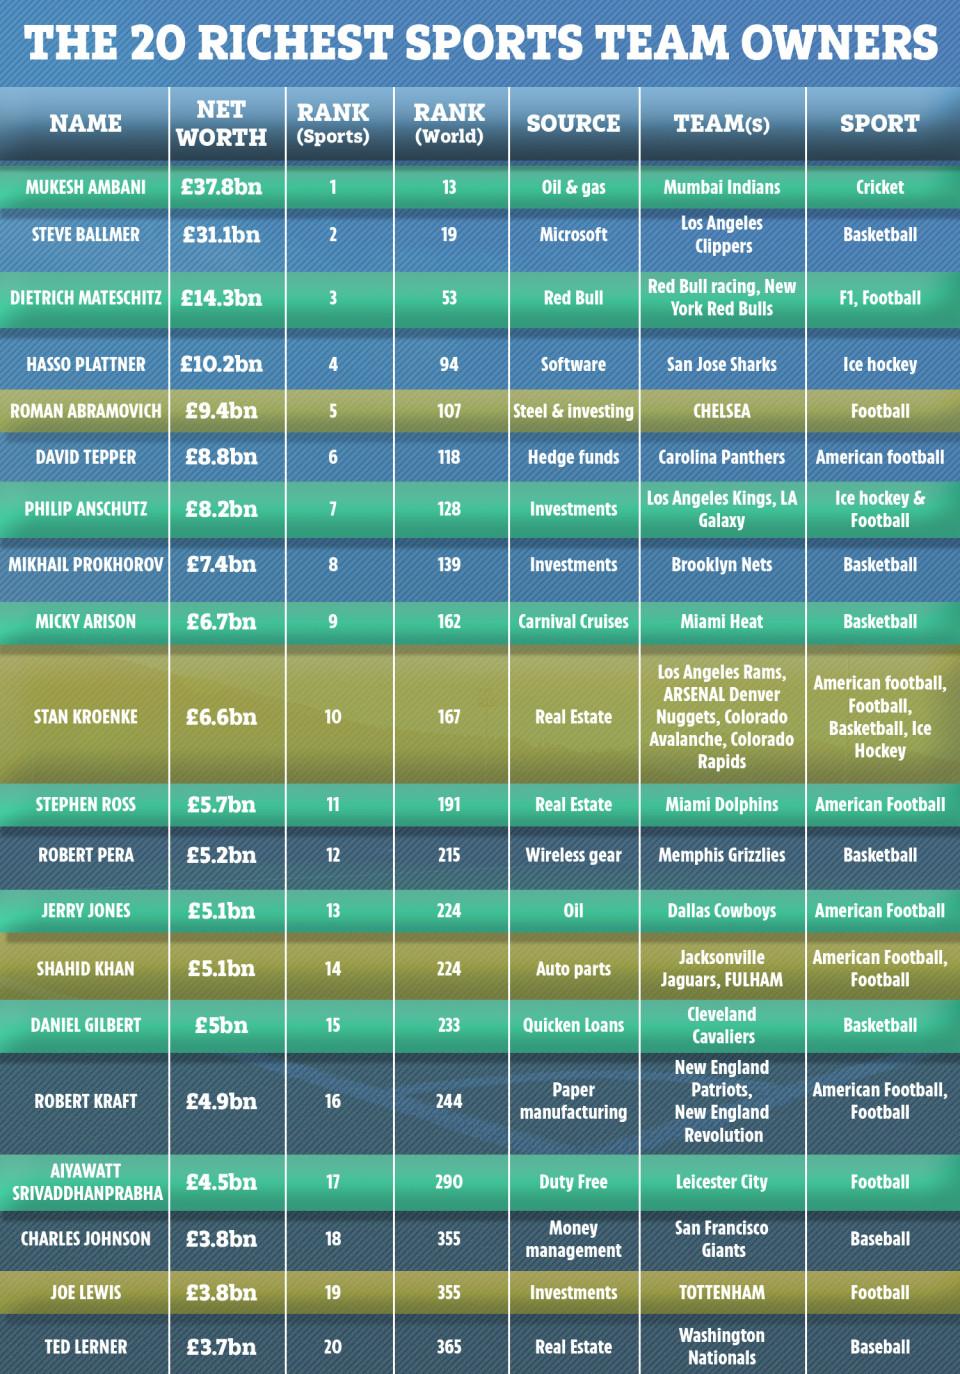 Xếp hạng độ giàu của các ông chủ bóng đá, Abramovic chỉ đứng thứ nhì - Bóng Đá